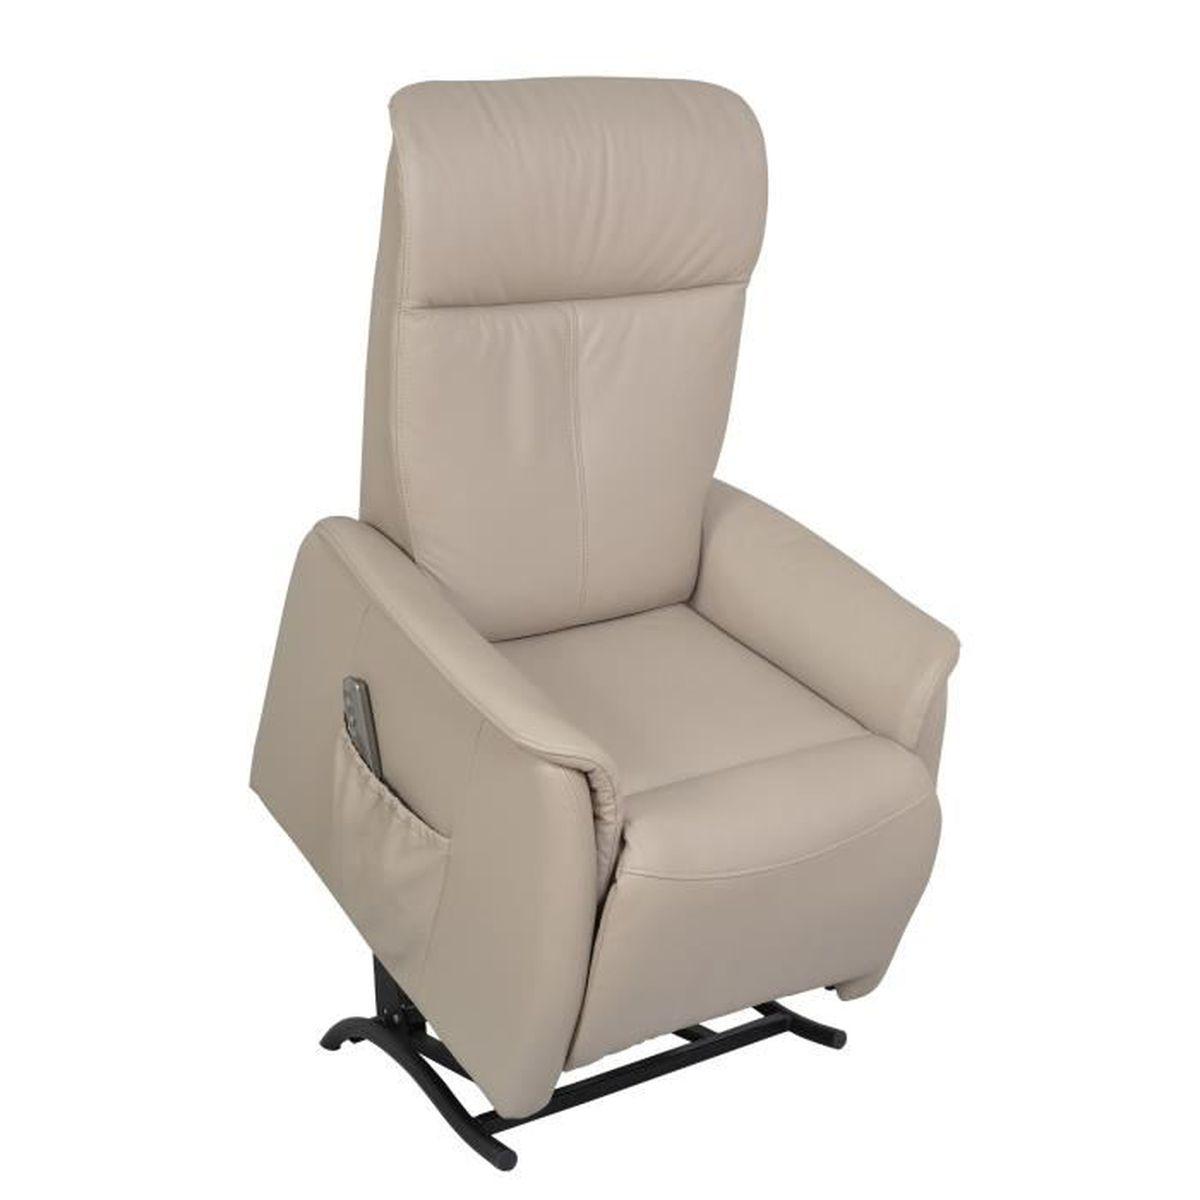 Fauteuil relax en cuir 1 moteur avec fonction releveur garma achat vente - Fauteuille relax cuir ...